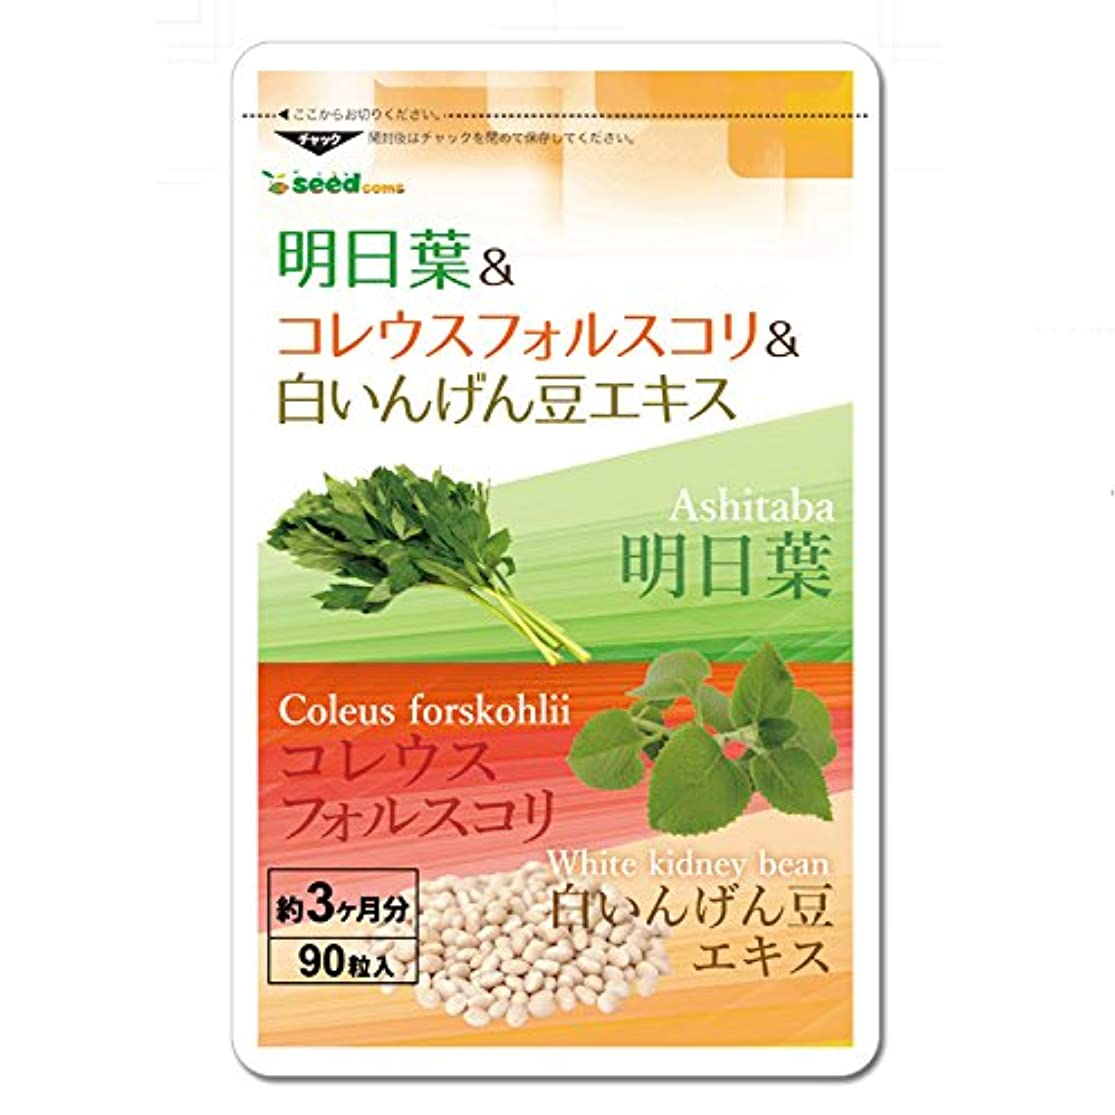 貴重な幾分軽減明日葉 & コレウスフォルスコリ & 白インゲン豆 エキス (約3ヶ月分/90粒) スッキリ&燃焼系&糖質バリアの3大ダイエット成分